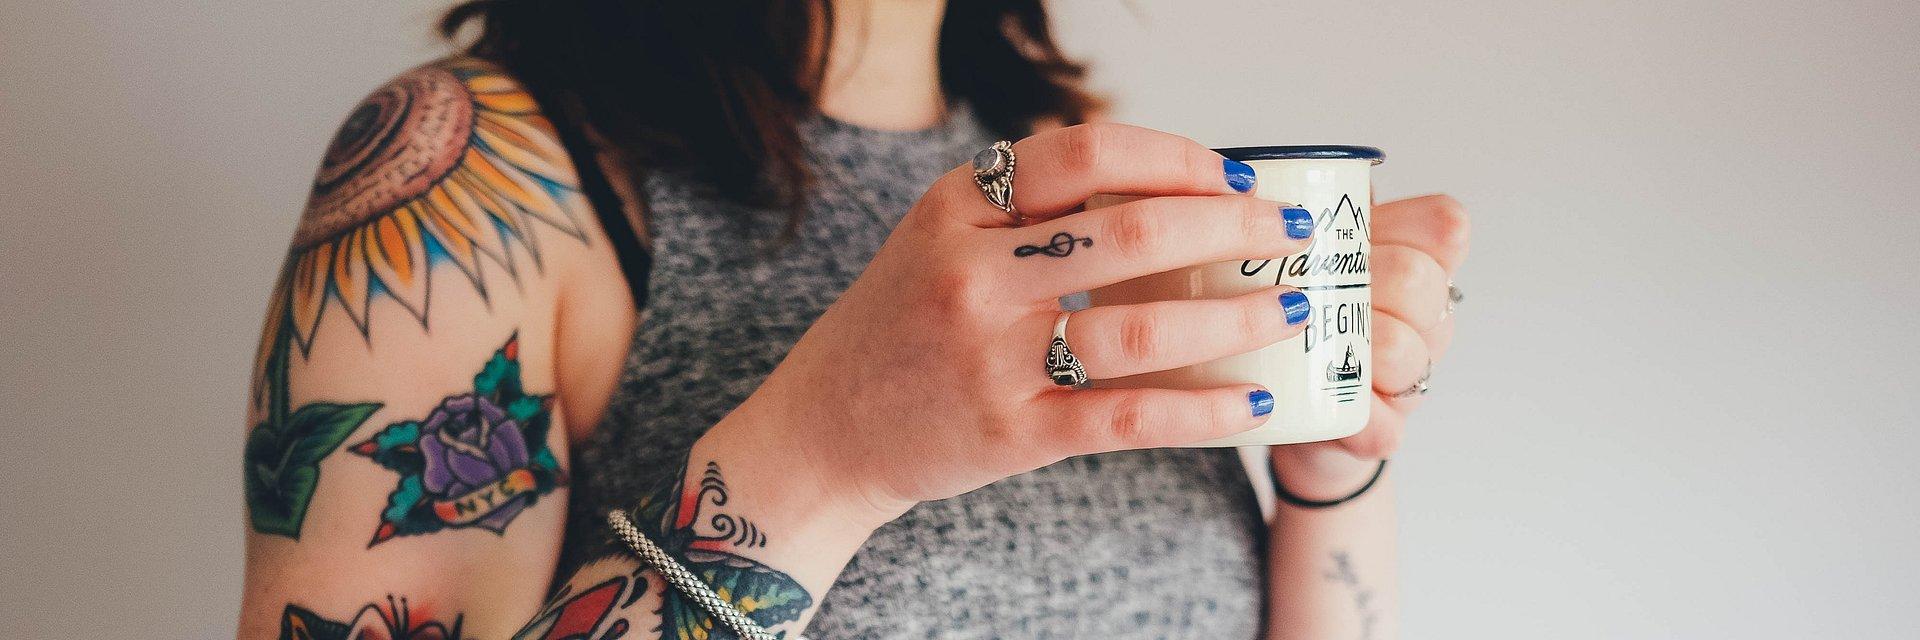 Jak Wybrać I Zadbać O Estetyczny Kobiecy Tatuaż